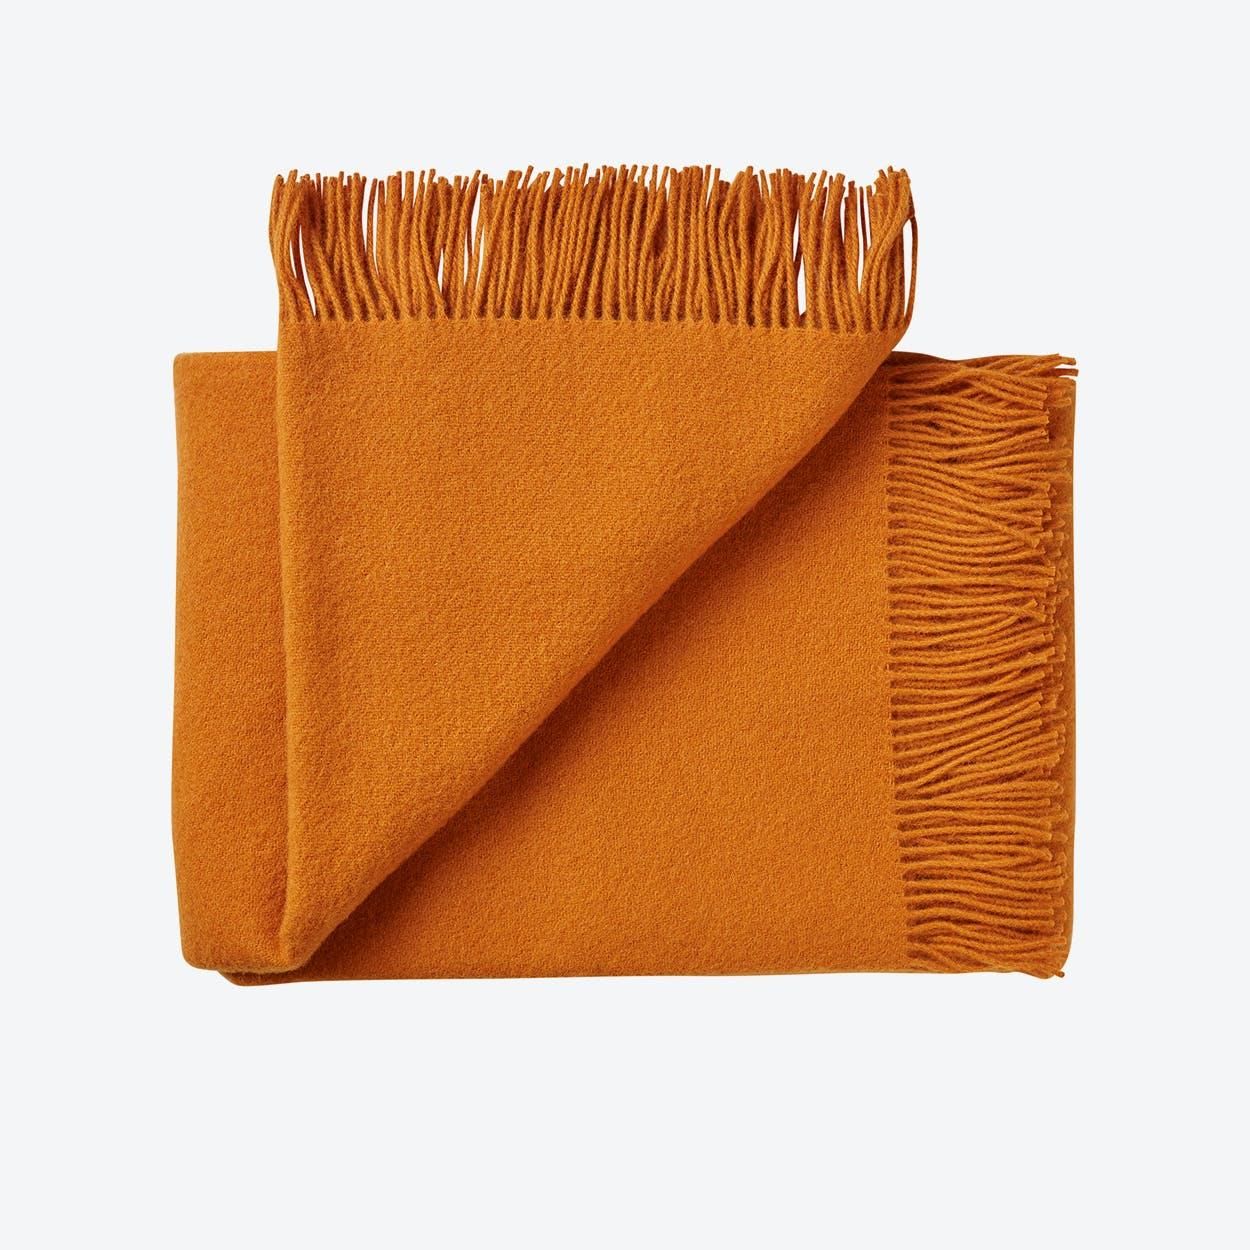 Athen Wool Throw in Pumpkin Spice-Orange